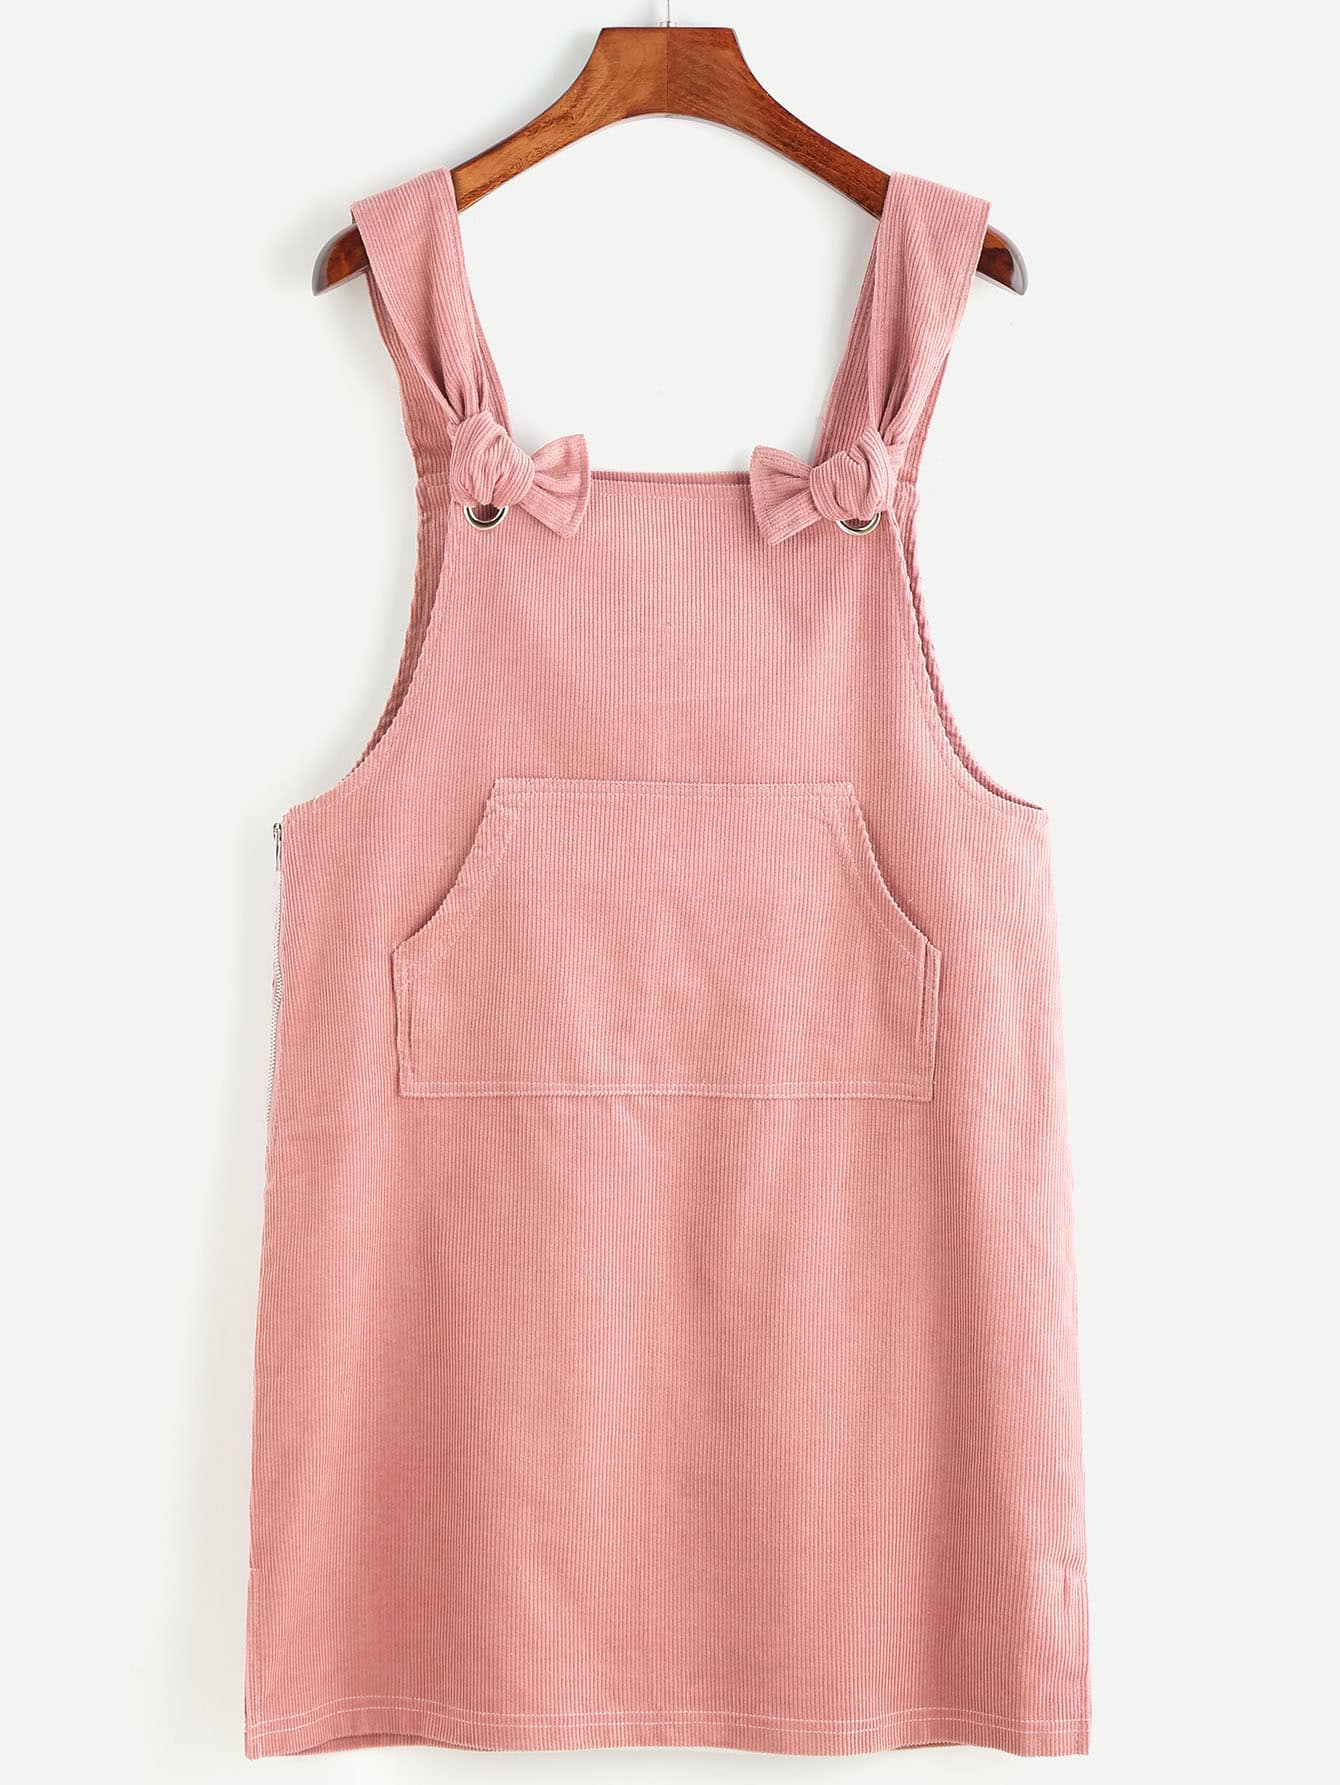 dress161229101_2